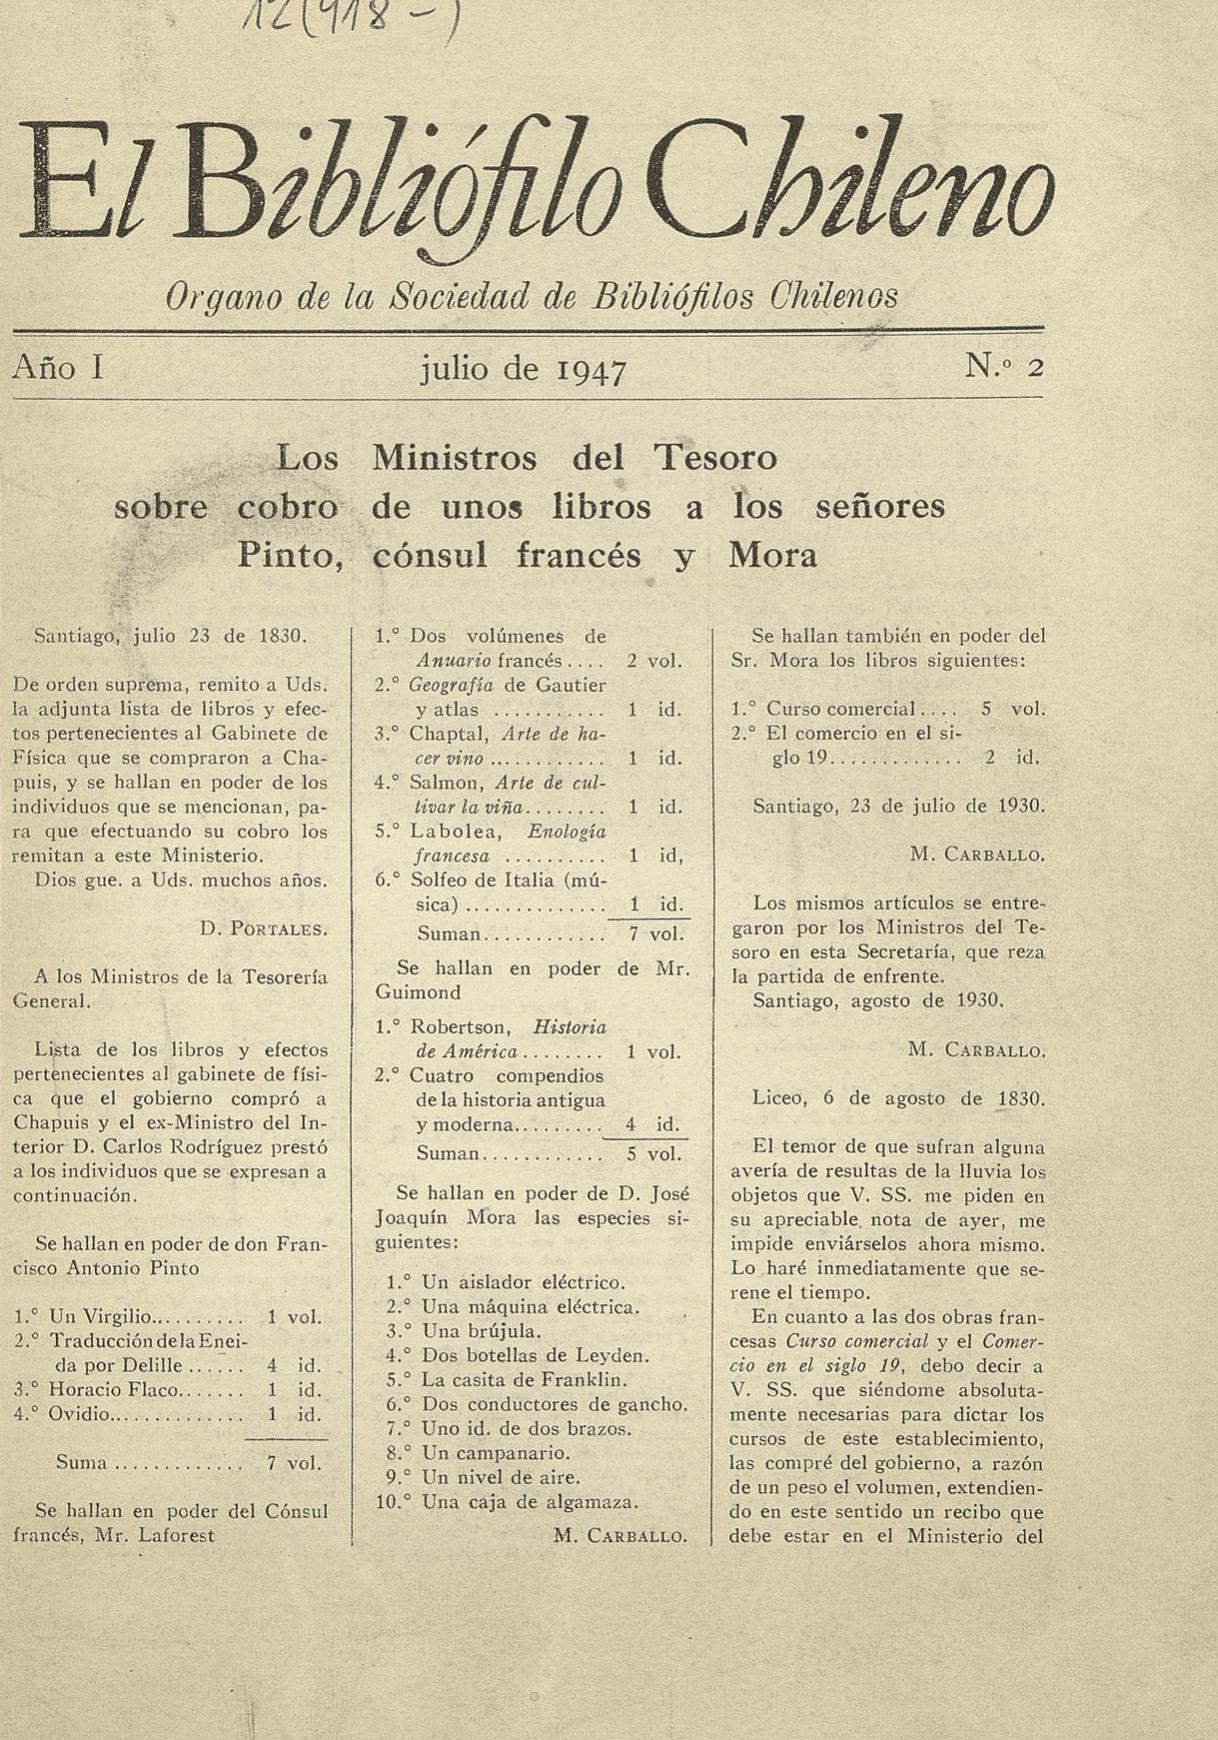 EL BIBLIÓFILO CHILENO N°2 (JULIO DE 1947)